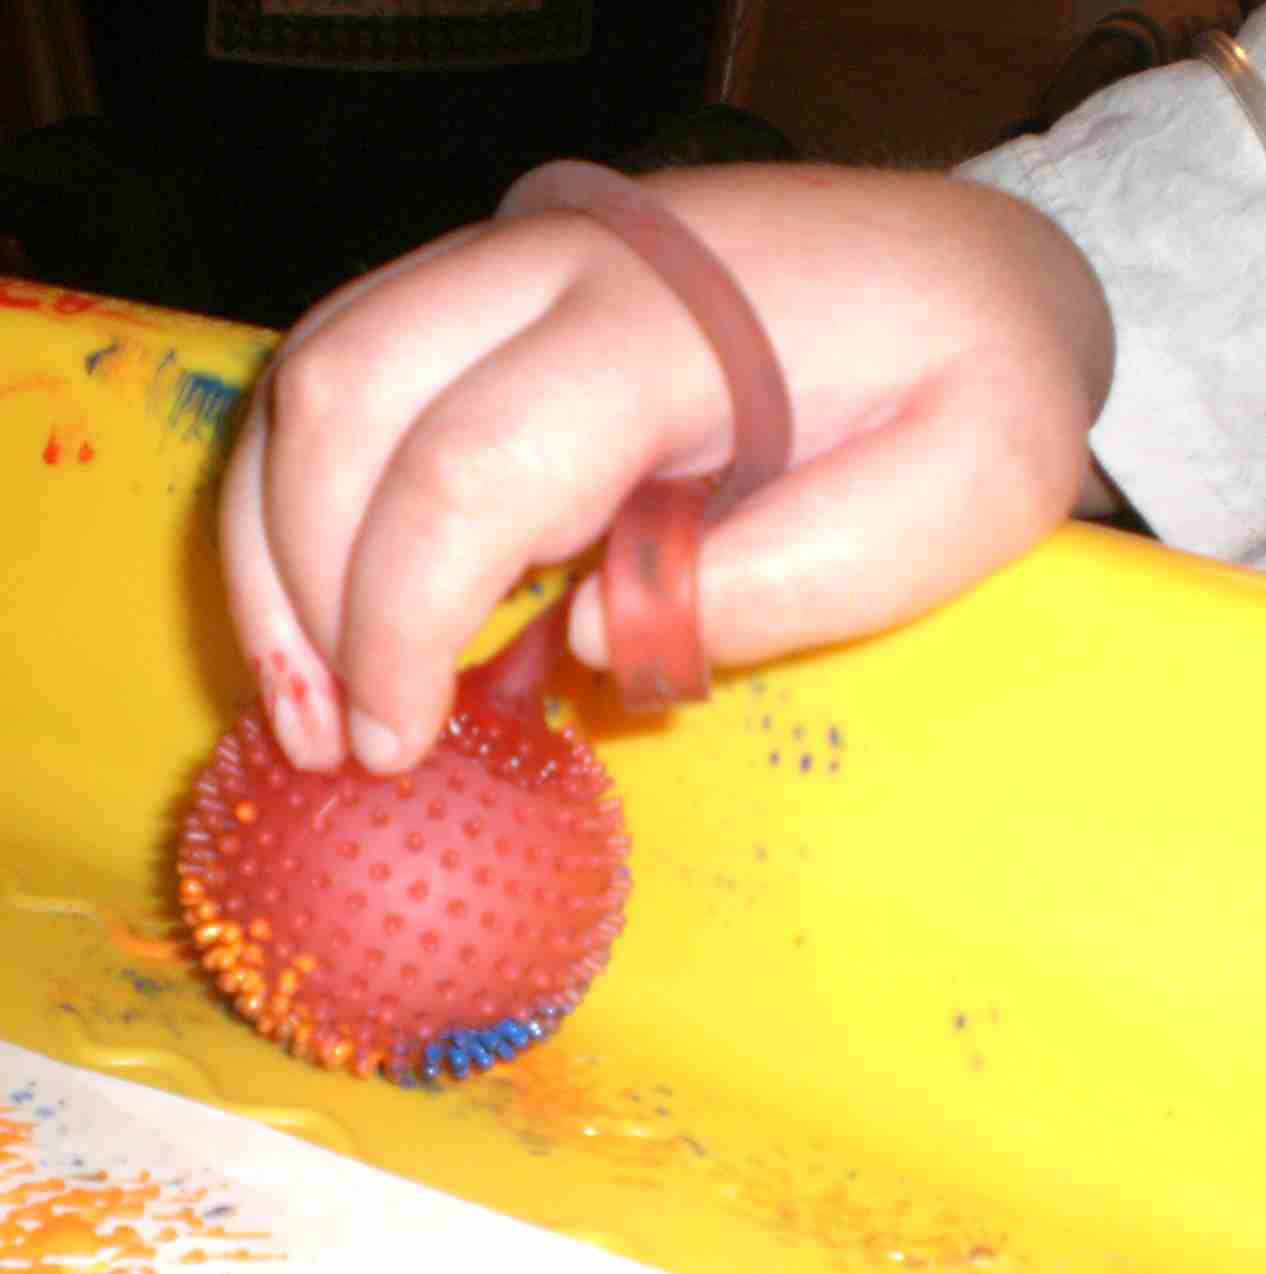 Squishy Yoyo Ball : Yo Yo Ball Painting - Therapy Fun Zone